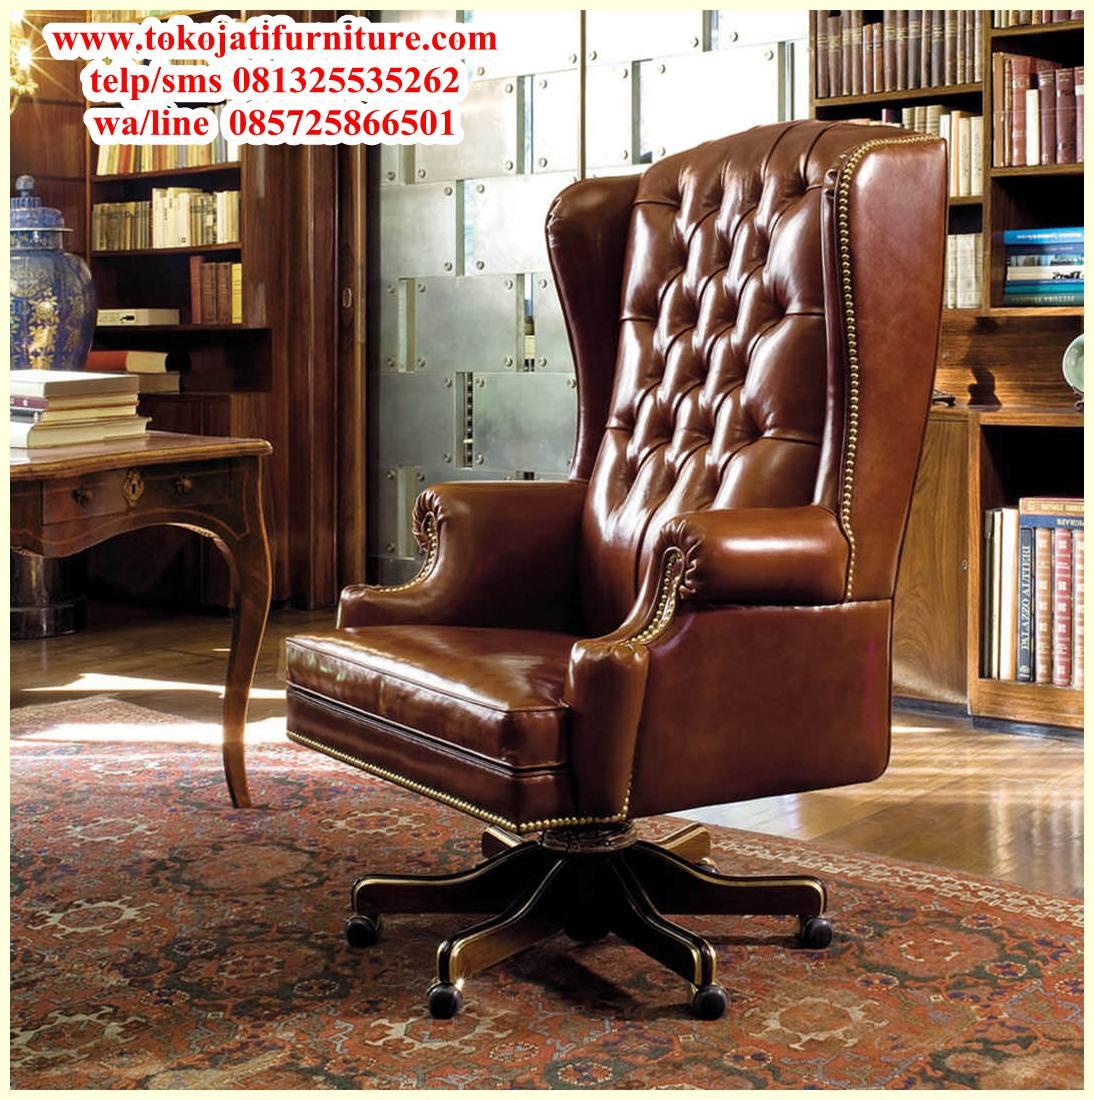 kursi-kantor-jati-pimpinan-direktur-mewah kursi kantor jati pimpinan direktur mewah